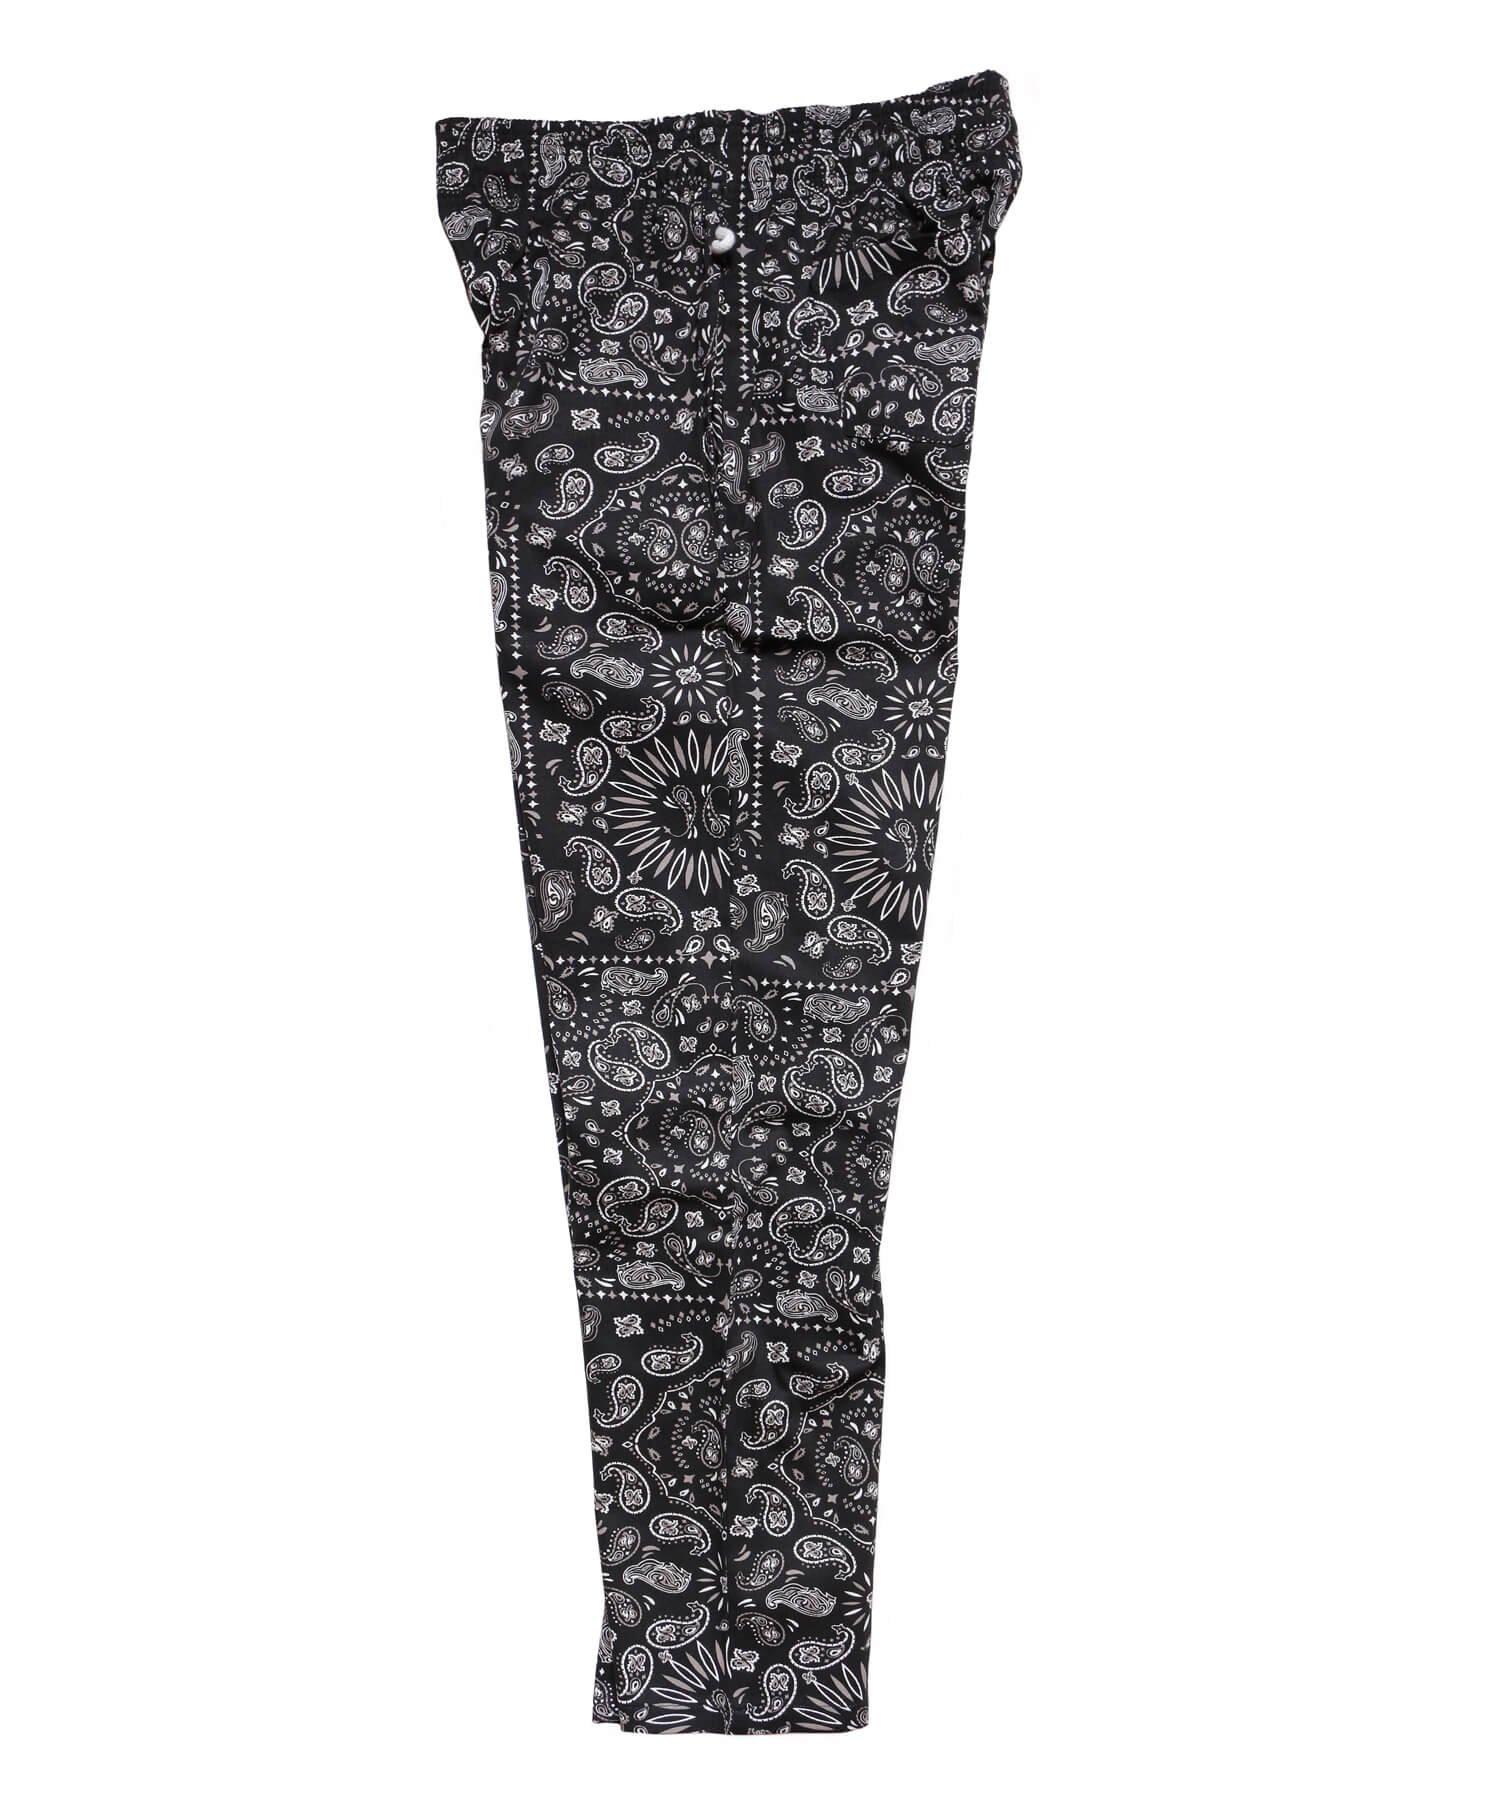 COOKMAN / クックマン   WAITER'S PANTS (PAISLEY BLACK):ウェイターズパンツ 商品画像1